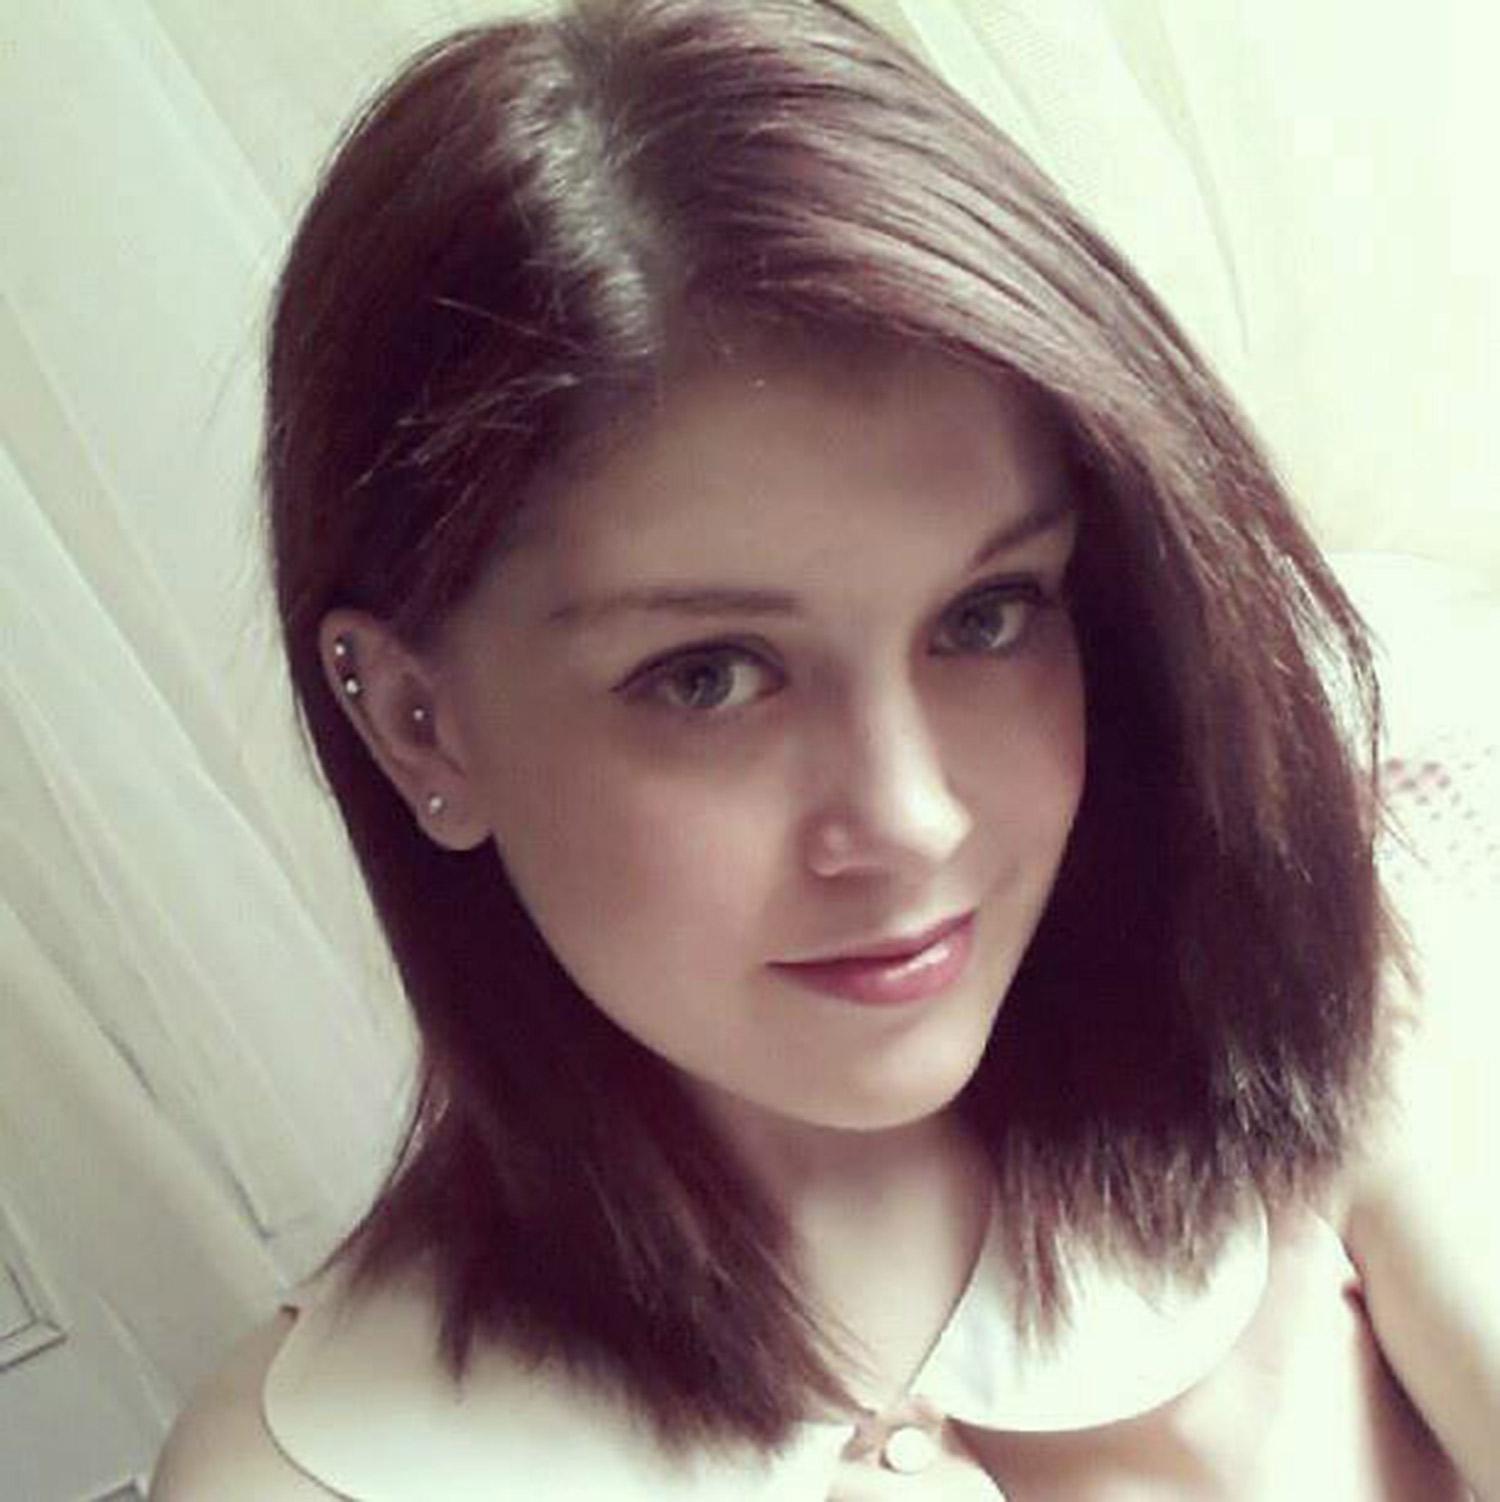 Photo of O britanică de 21 de ani s-a sinucis după avort. Studii: riscul de suicid crește exponențial după avort